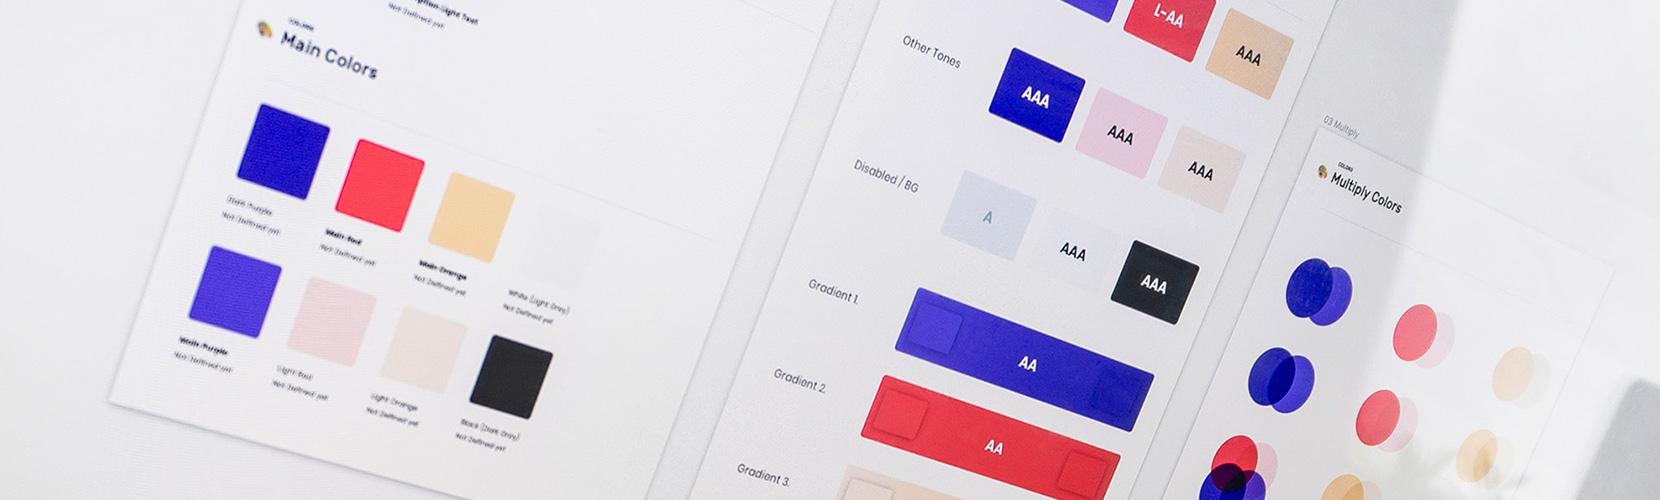 Susciter des émotions a travers une interface web